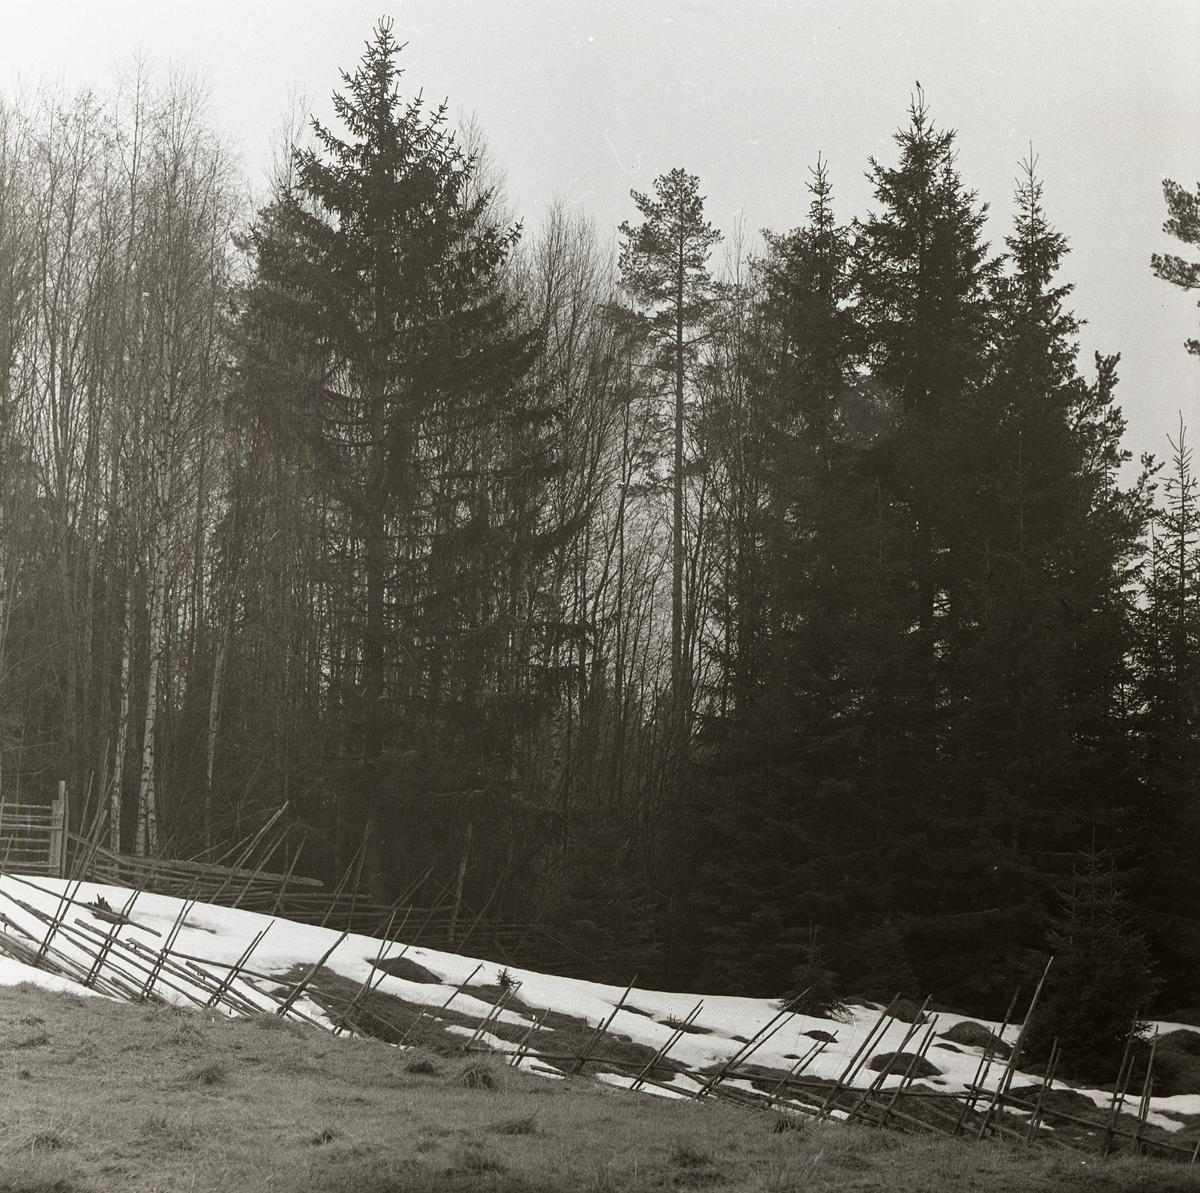 Bakom en gärdesgård sitter en taltrast i toppen av ett träd, 1 maj 1959.